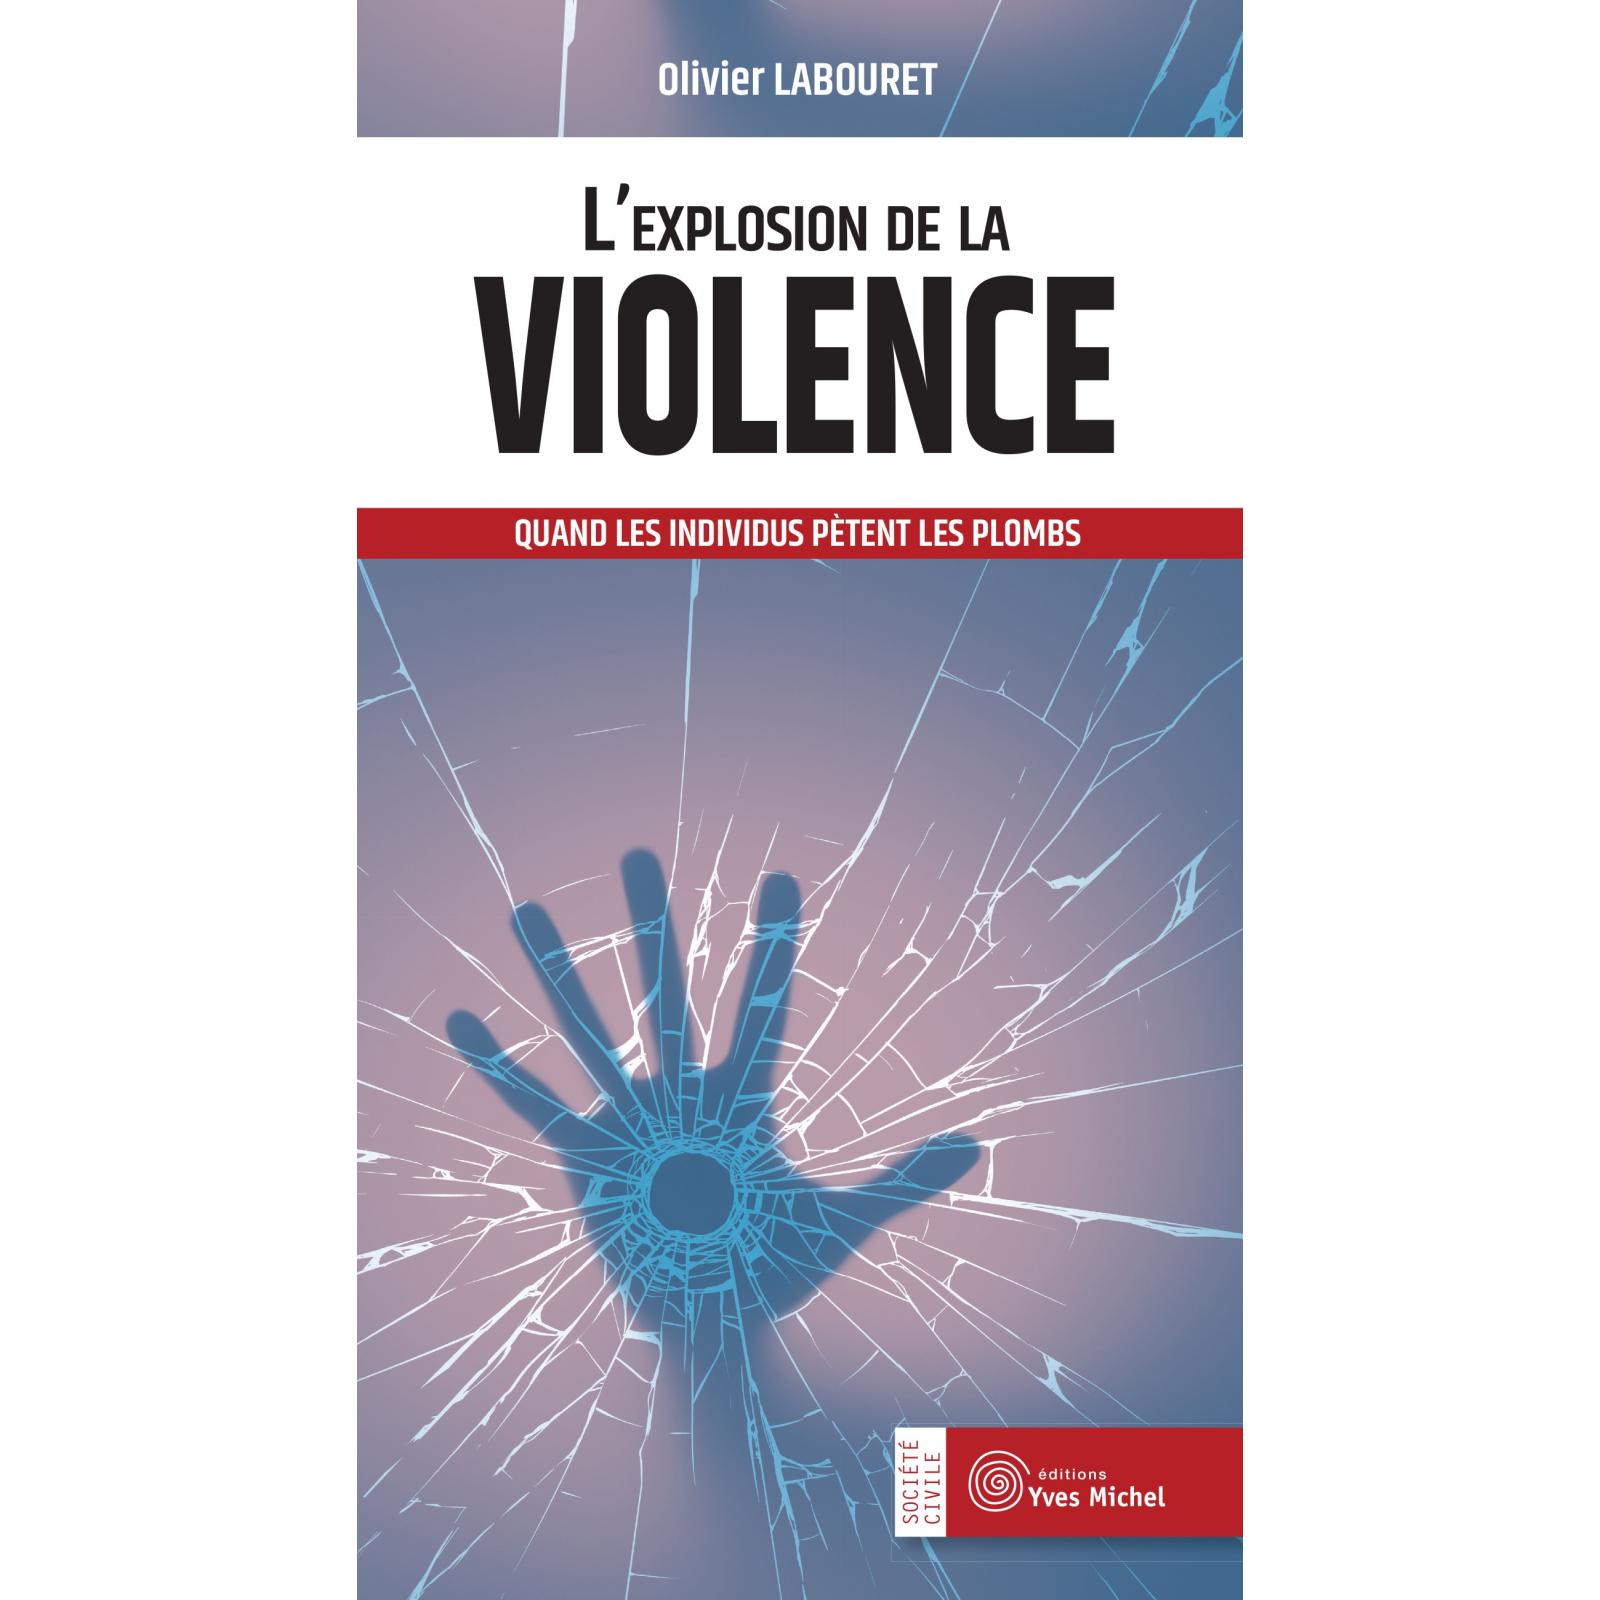 L'explosion de la violence